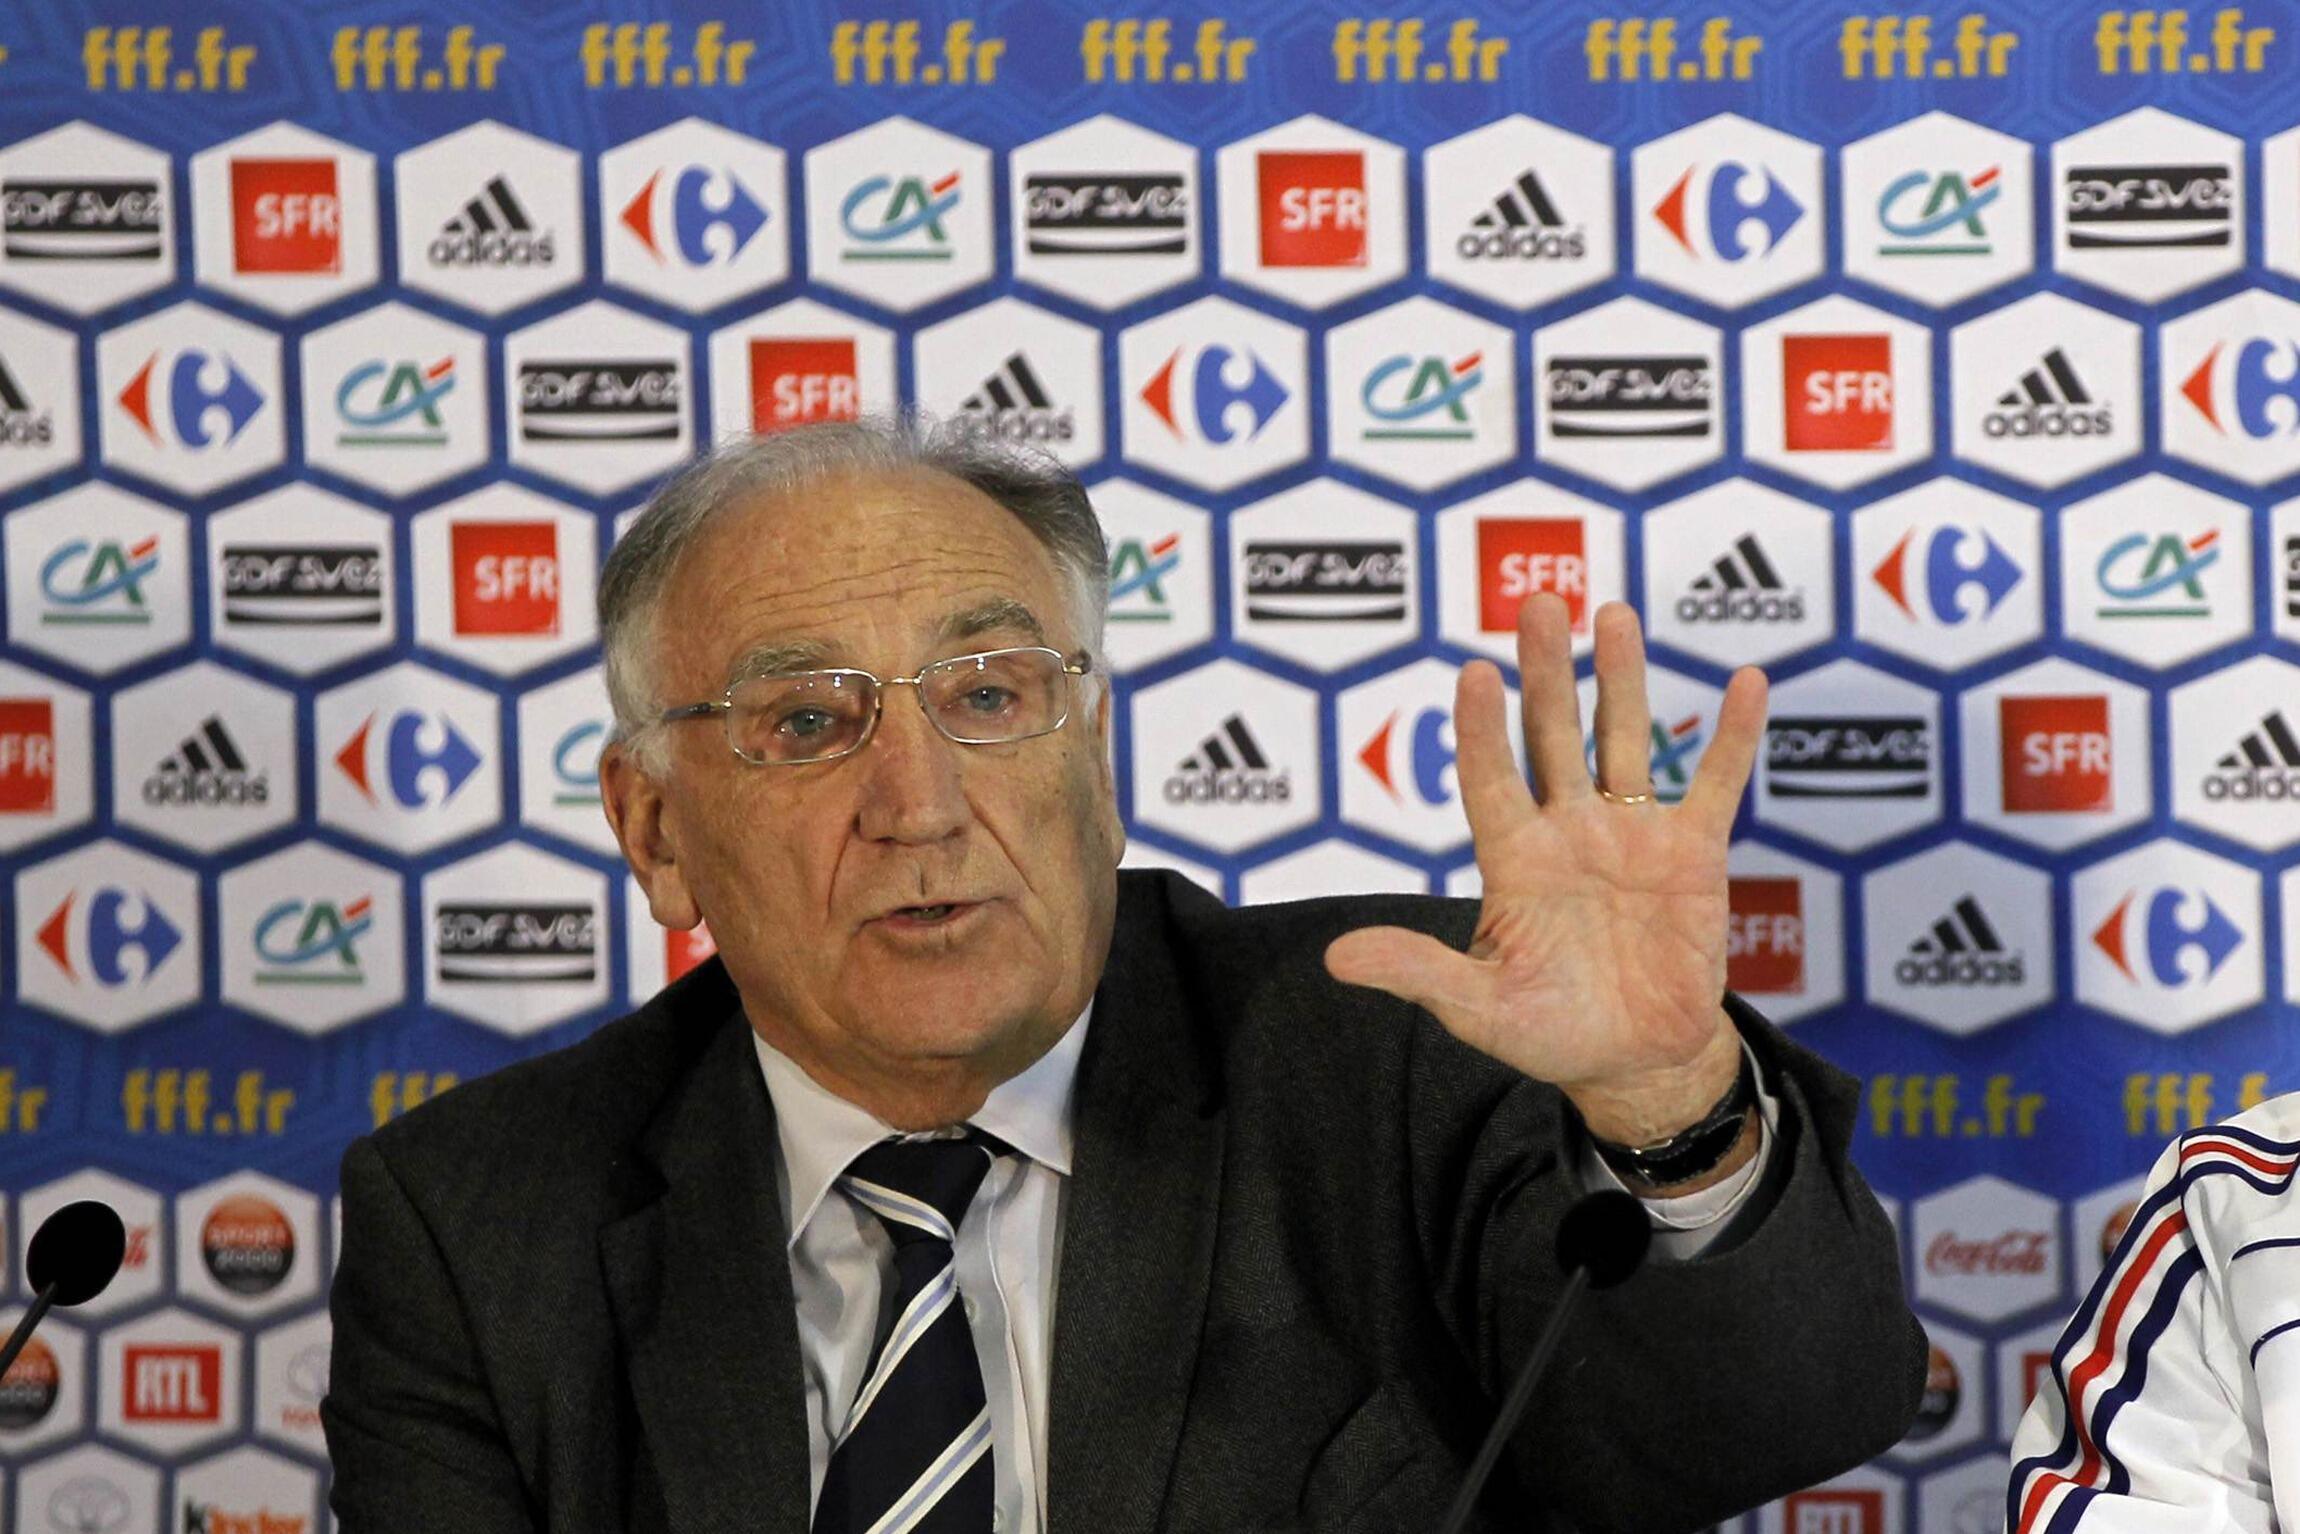 Chủ tịch Liên đoàn bóng đá Pháp Jean Pierre Escalette trong một cuộc họp báo tại Nam Phi 2010